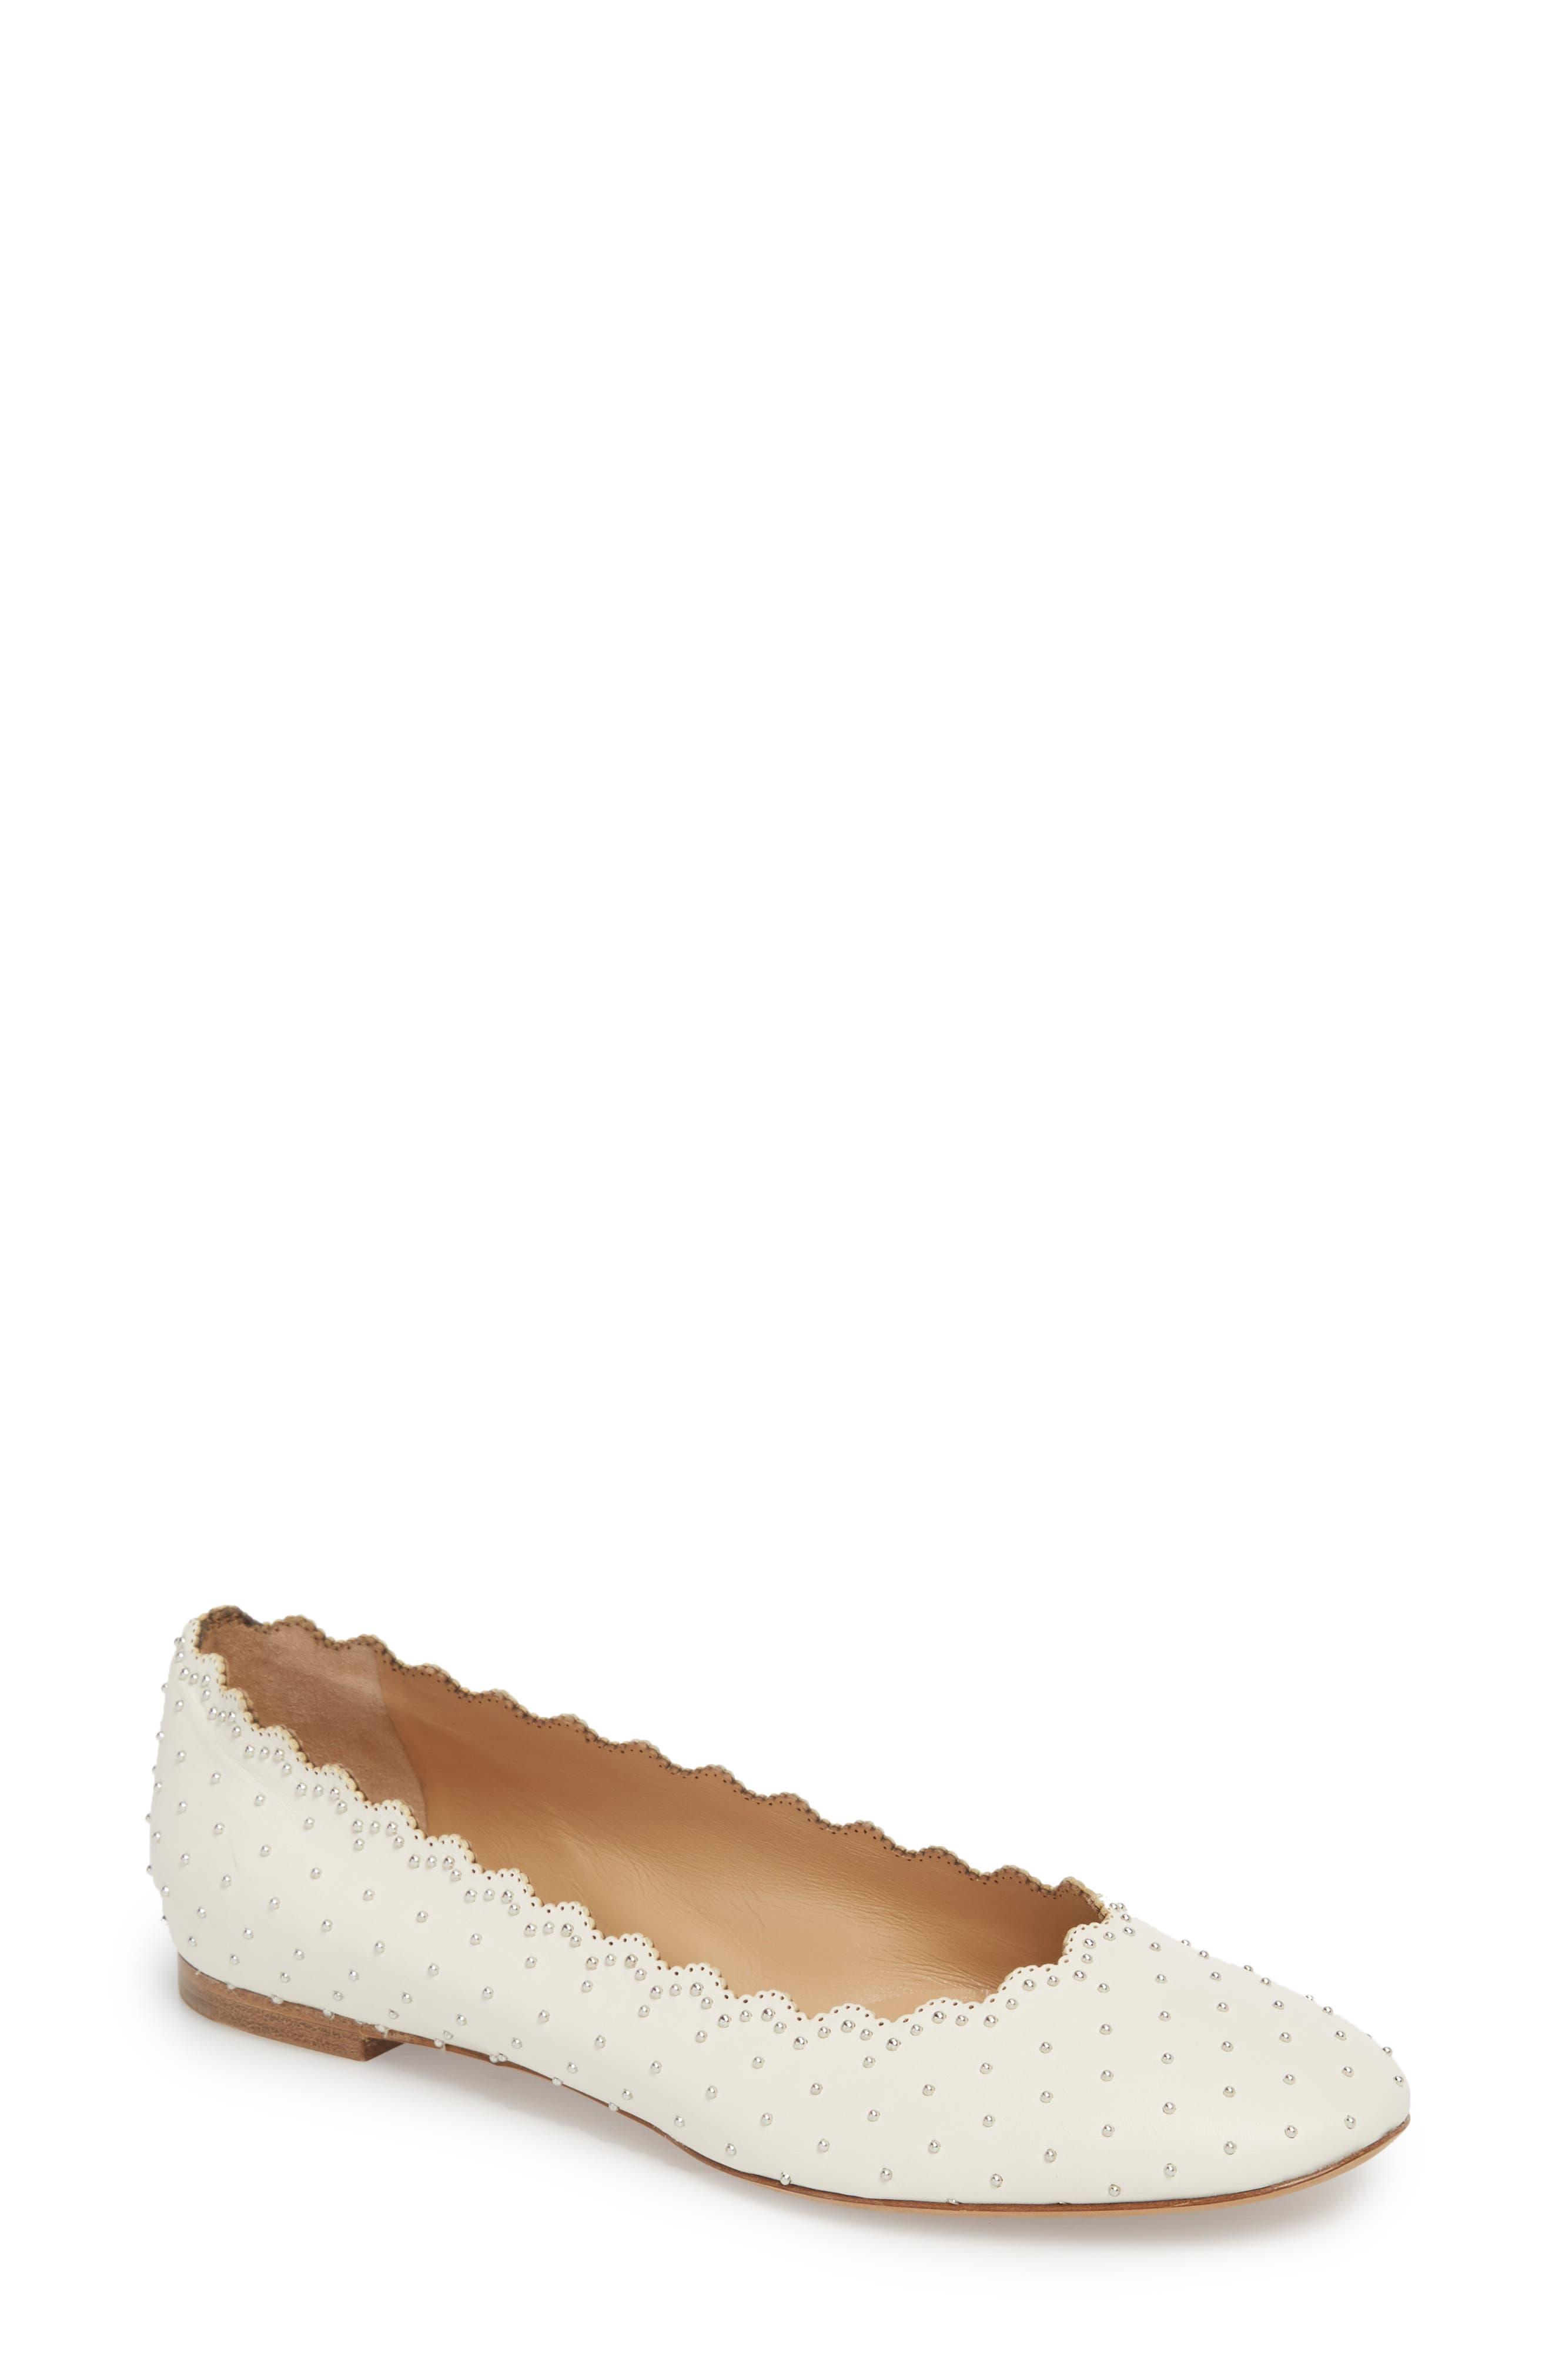 Lauren Studded Ballet Flat,                         Main,                         color, WHITE